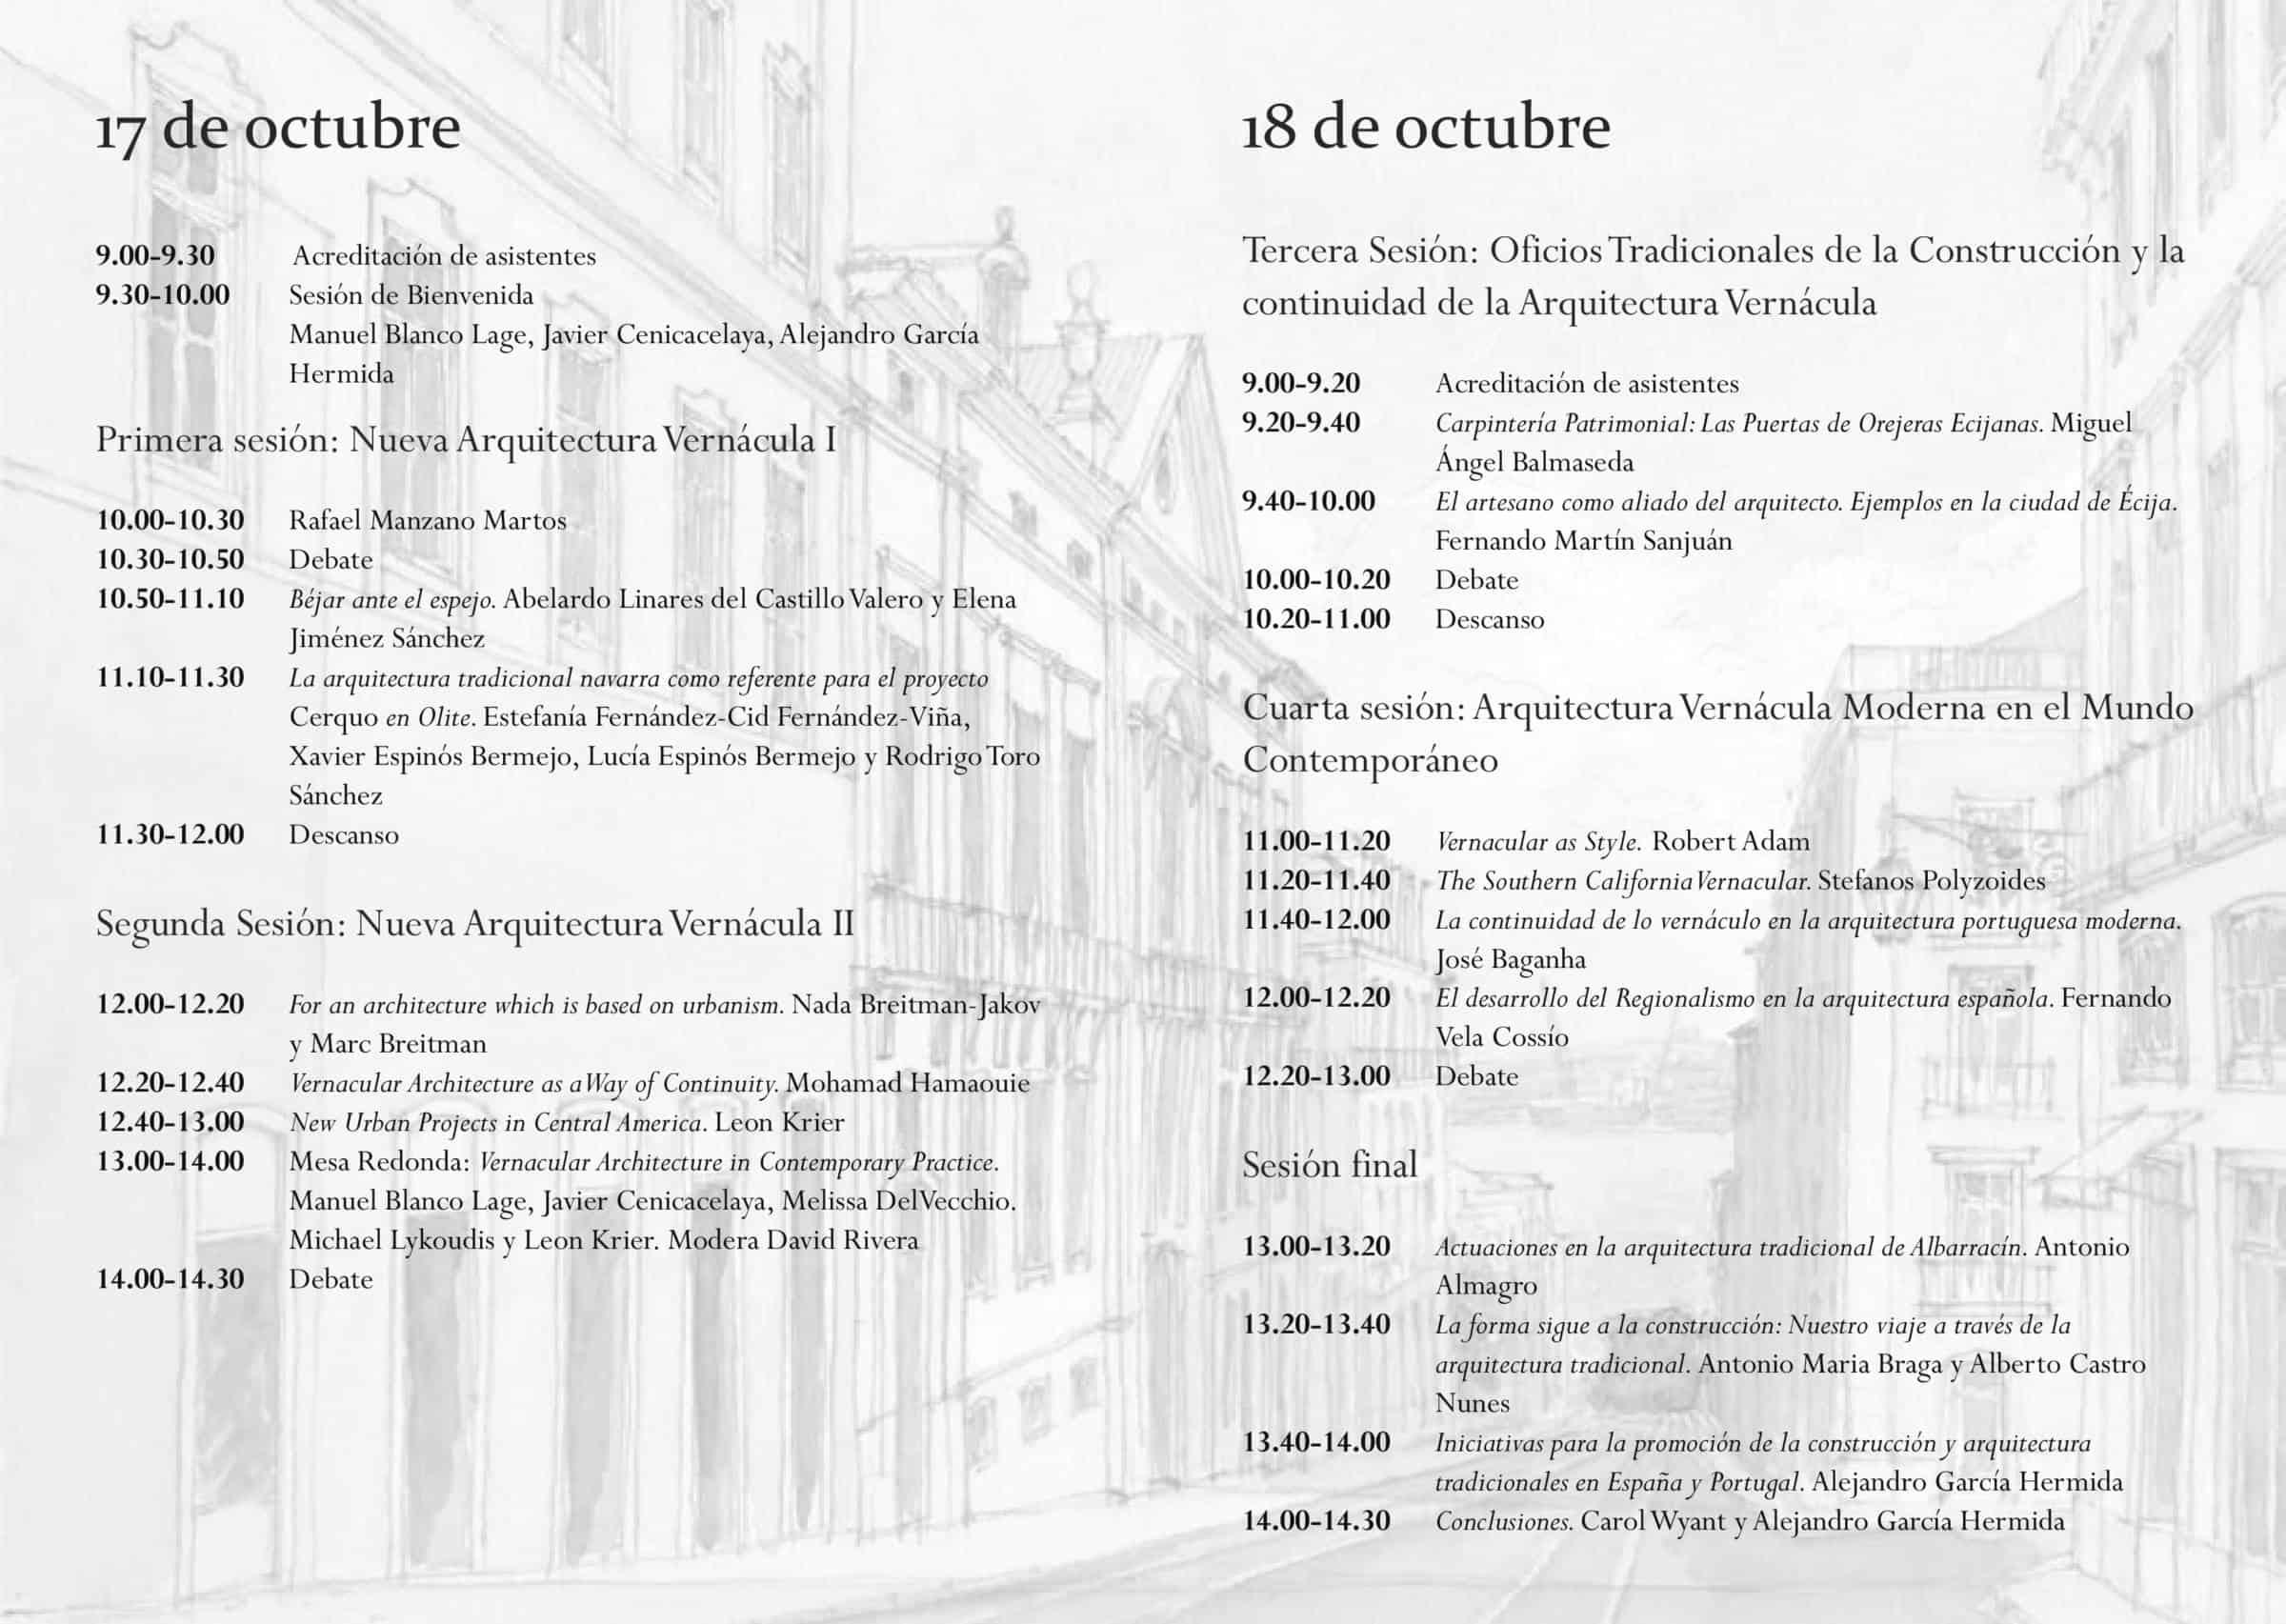 Programa Seminario Internacional Nueva Arquitectura Vernácula